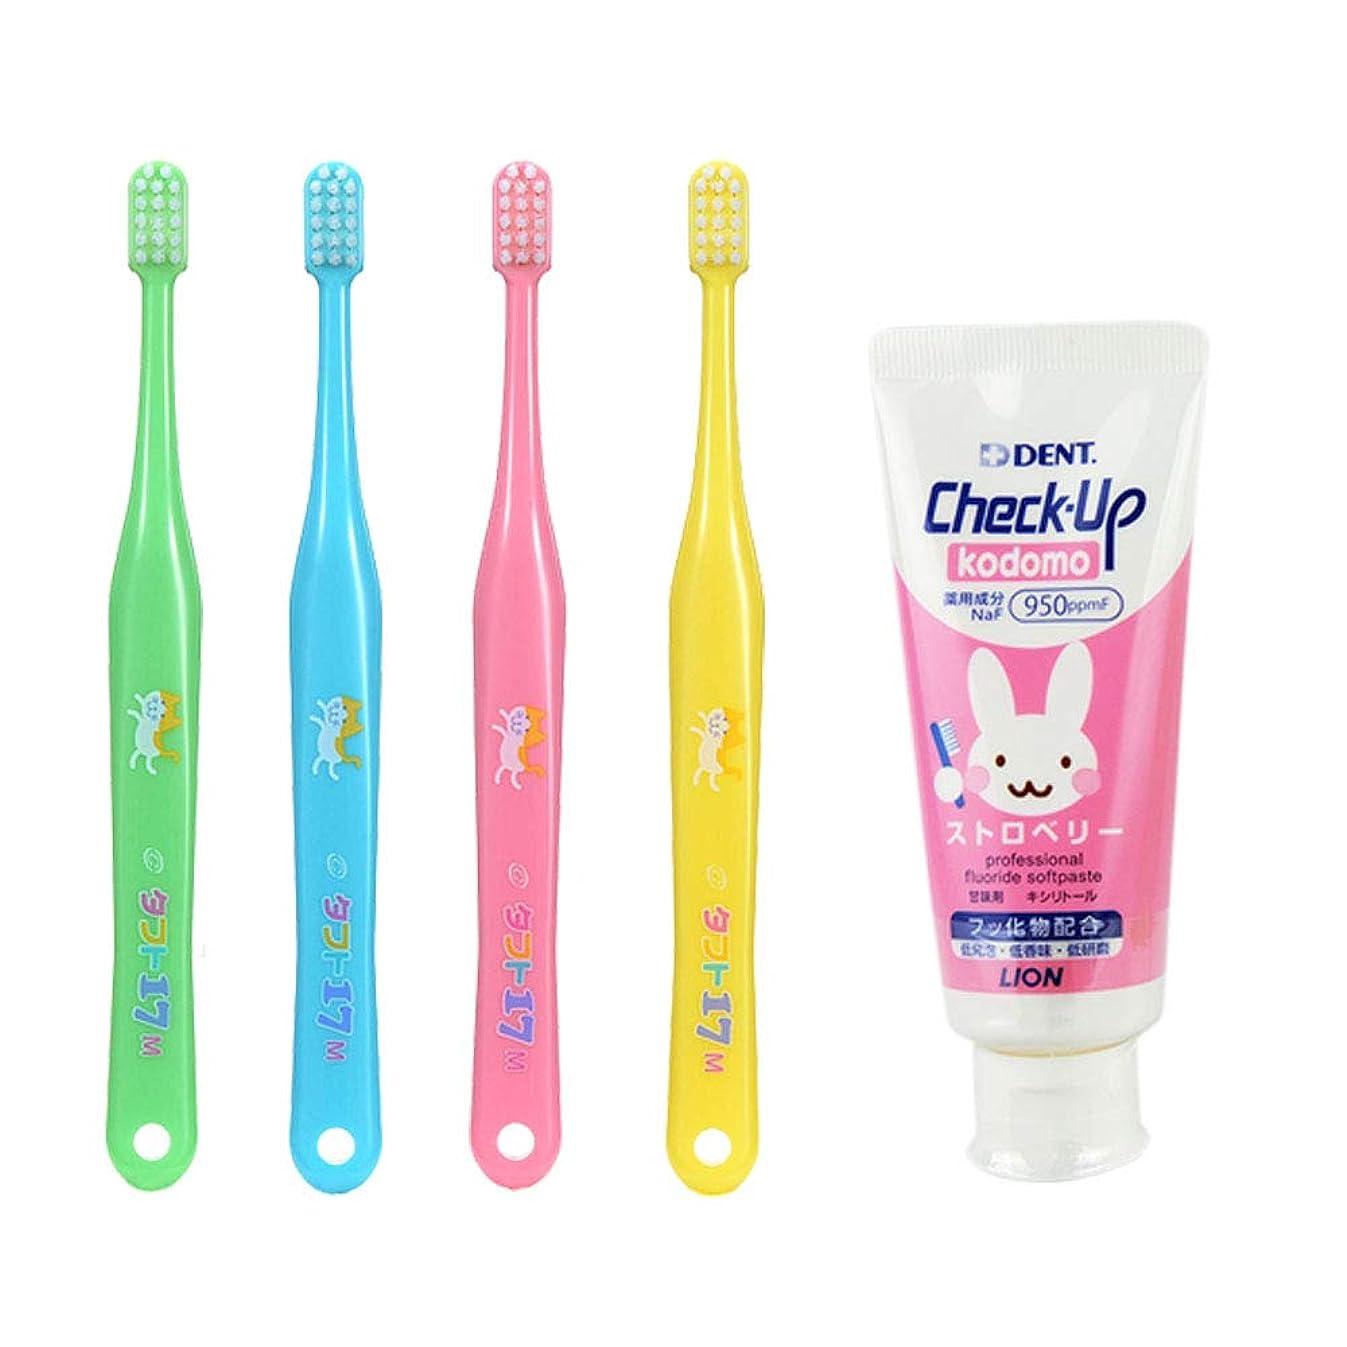 ウォルターカニンガム中止しますイタリアのタフト17 M(ふつう) 子ども 歯ブラシ 10本 + チェックアップ コドモ 60g (ストロベリー) 歯磨き粉 歯科専売品